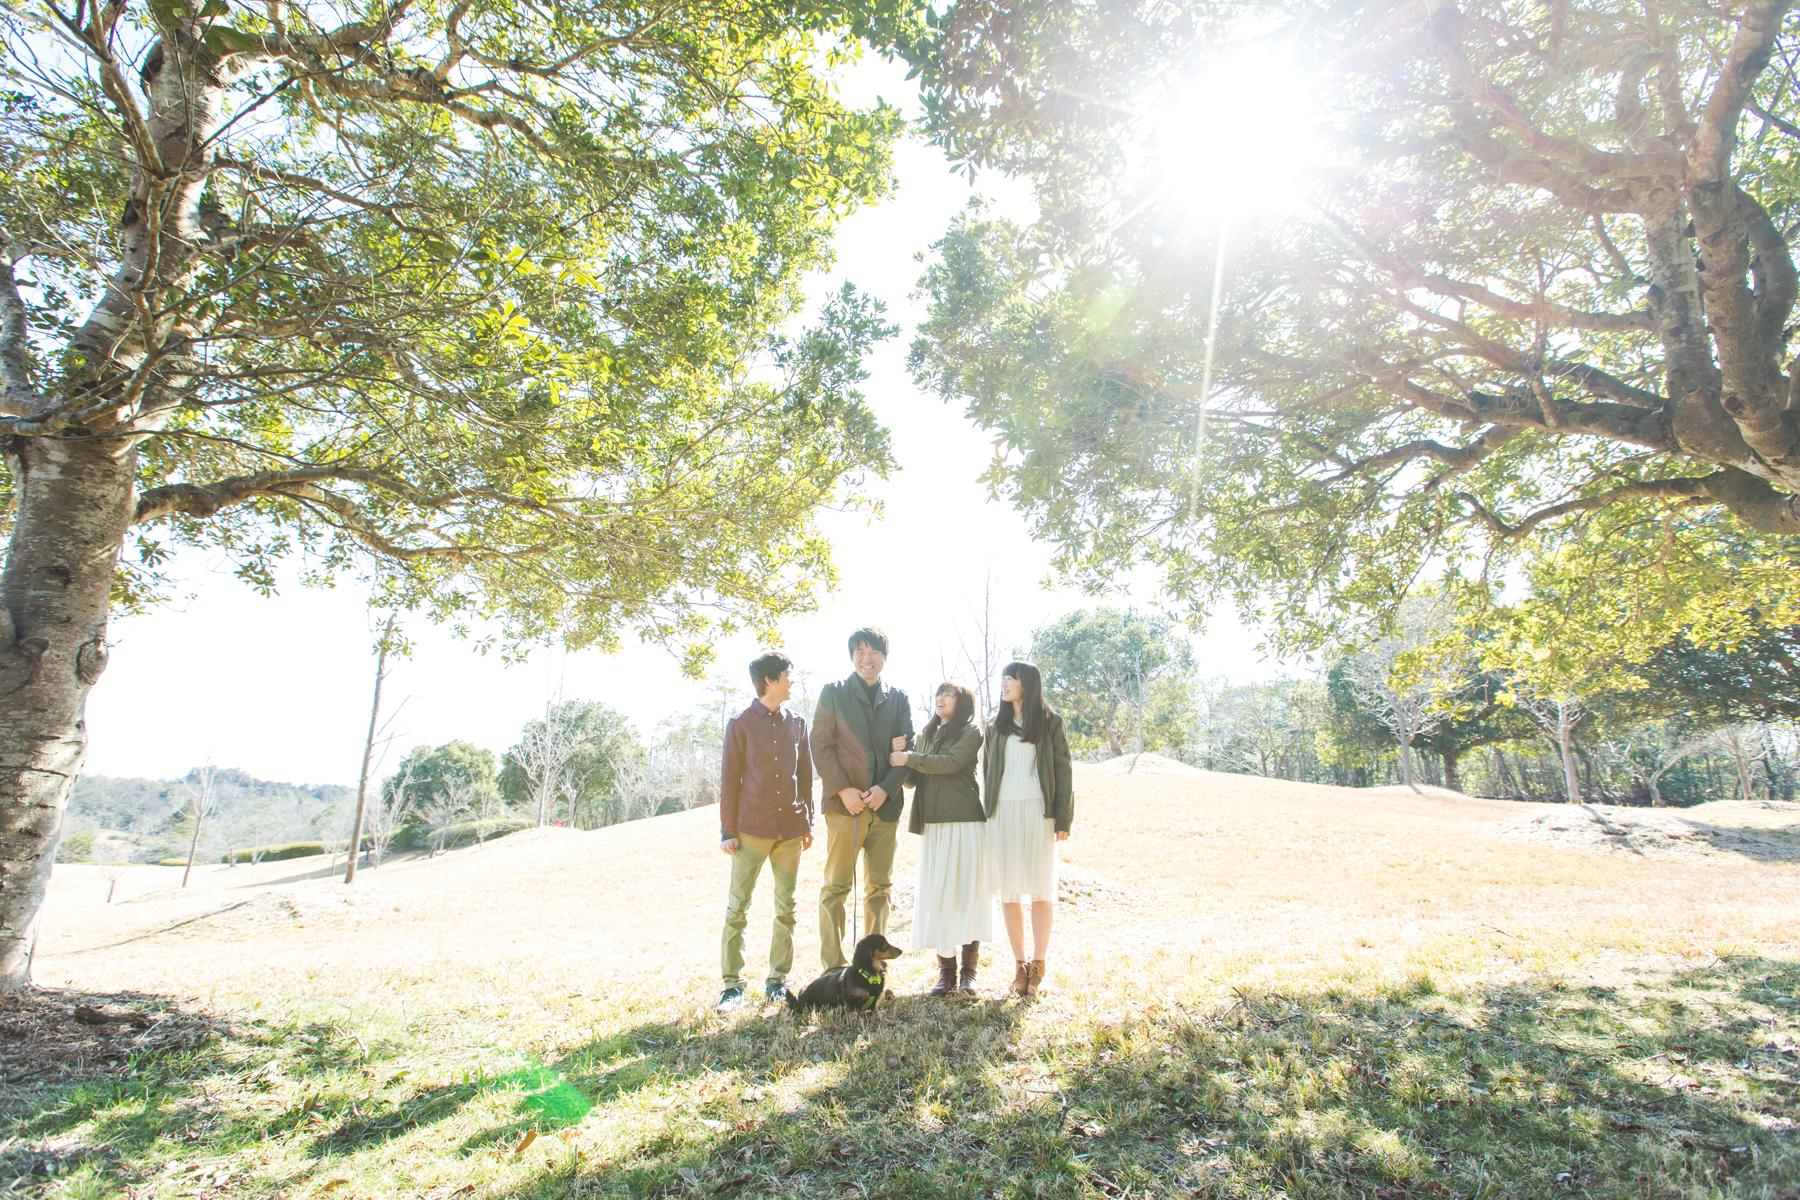 滋賀県蒲生郡竜王町の希望ヶ丘文化公園でフリーカメラマンが家族写真の撮影を